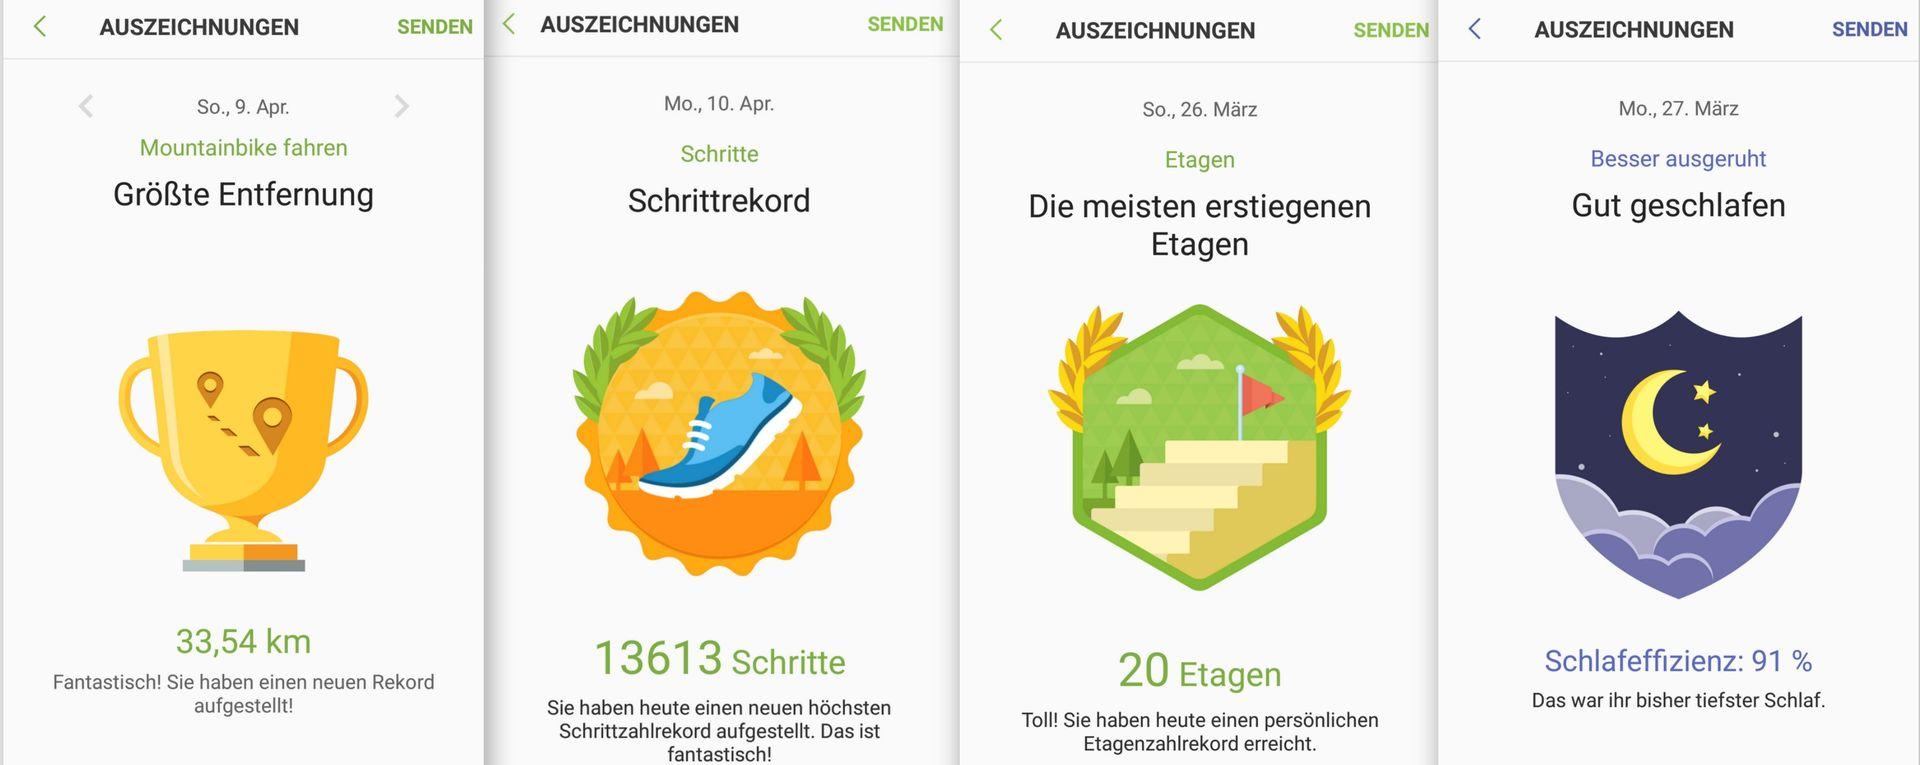 Auszeichnungen - Samsung Gear S3 - SmartTechNews